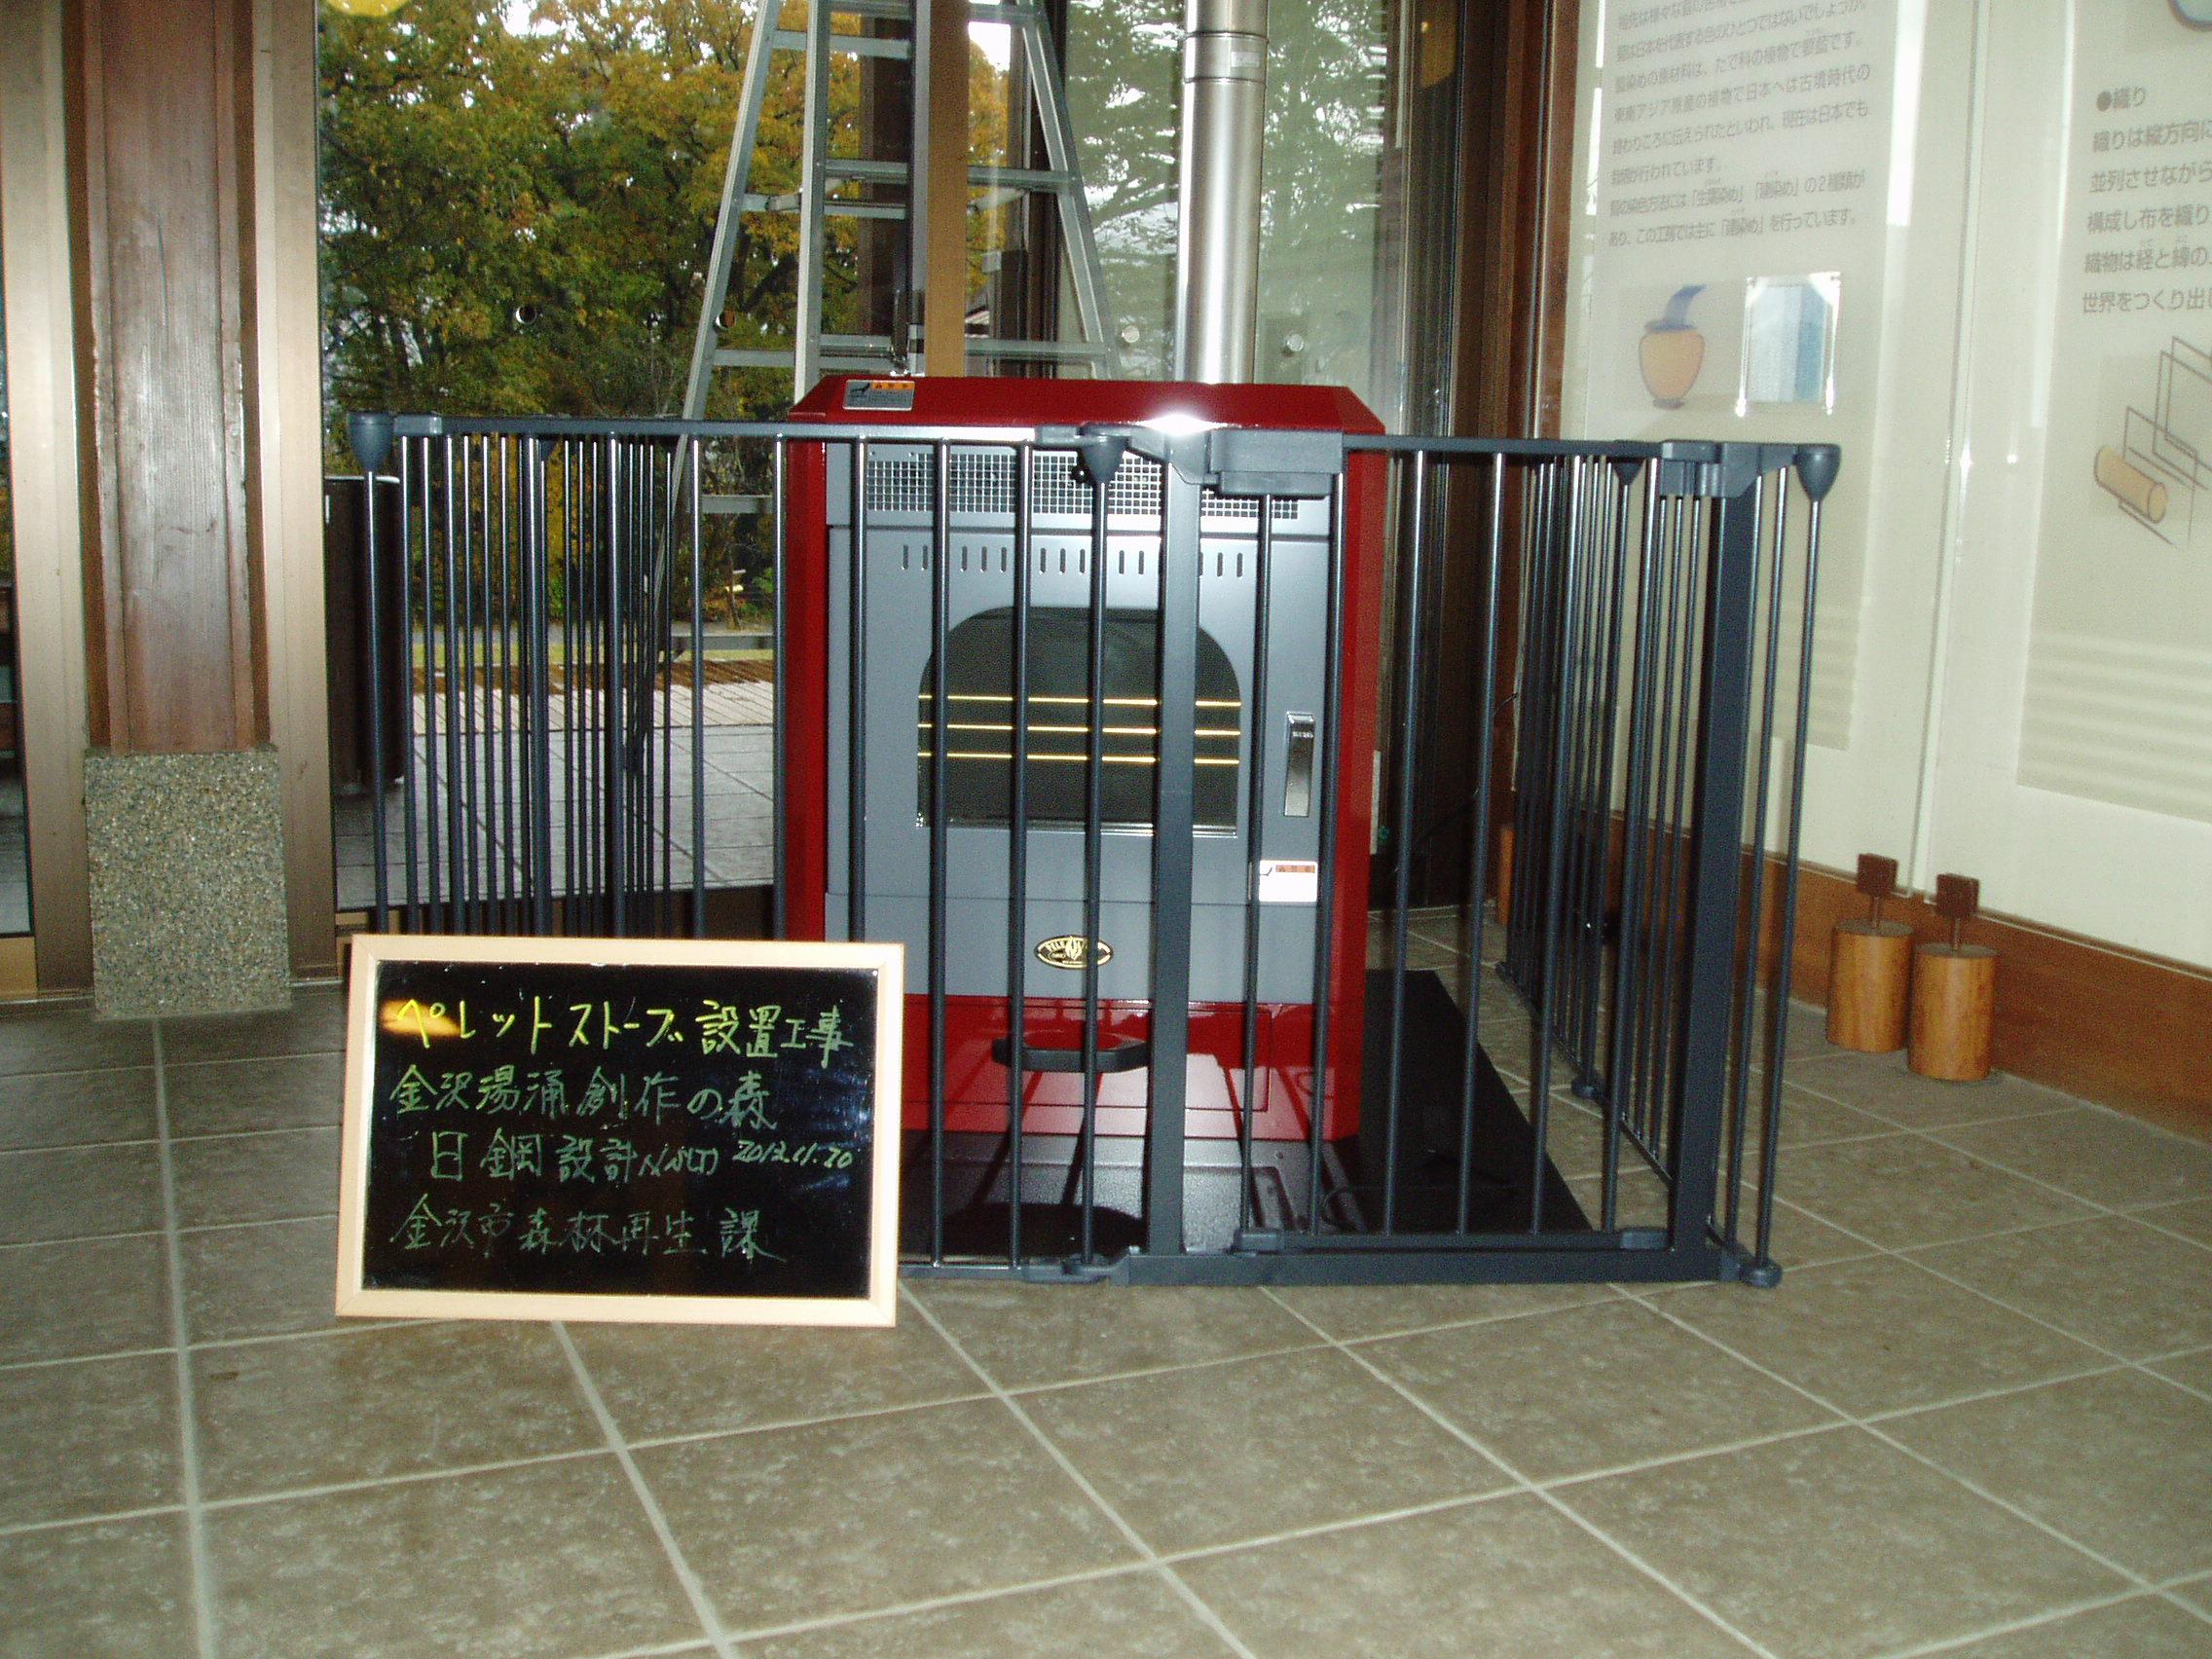 金沢湯涌創作の森にペレットストーブを設置しました。